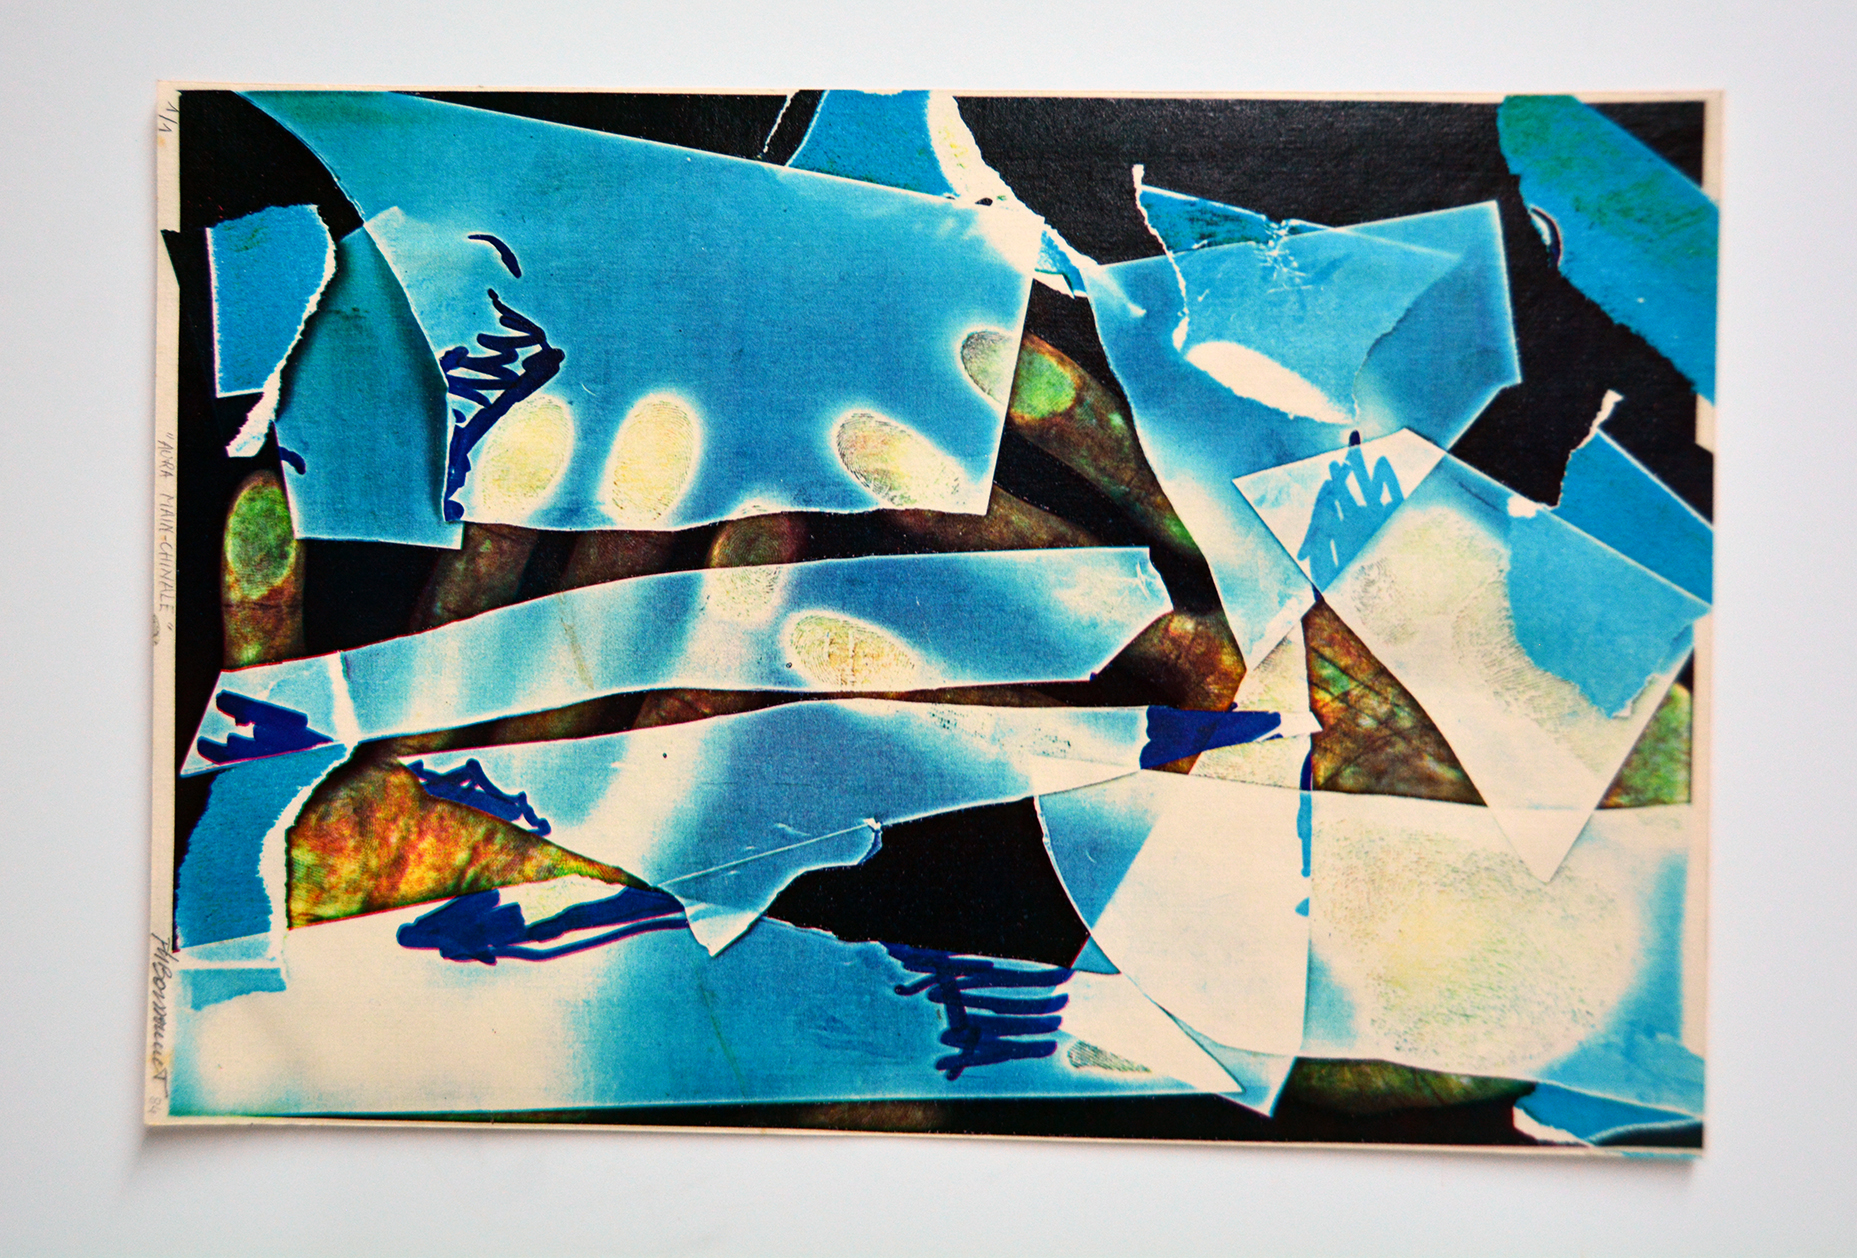 """""""Aura mainchinale"""", 1984 28 x 21.5 cm, ed. 1/1  Collection of the  Museo Internacional de Electrografía (MIDE) , Cuenca, Spain"""